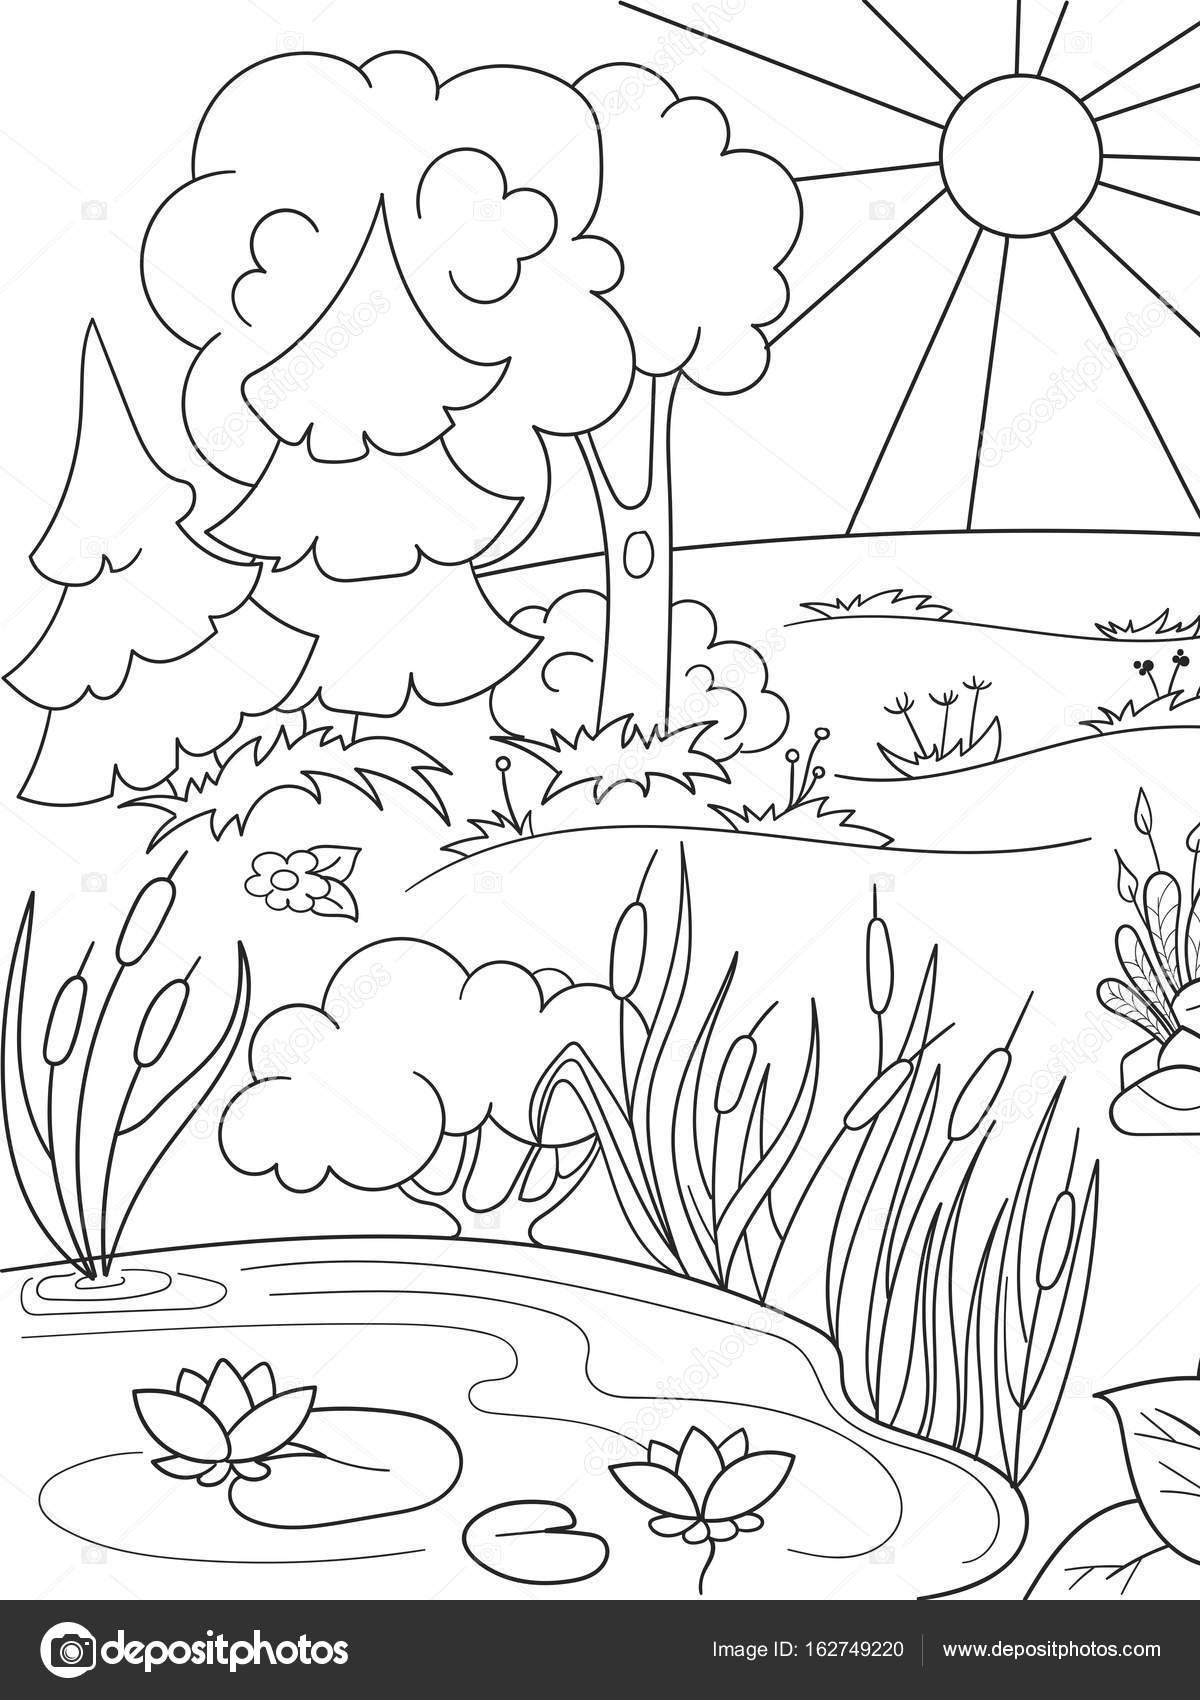 Para colorear dibujos libro naturaleza blanco y negro. Claro en el ...